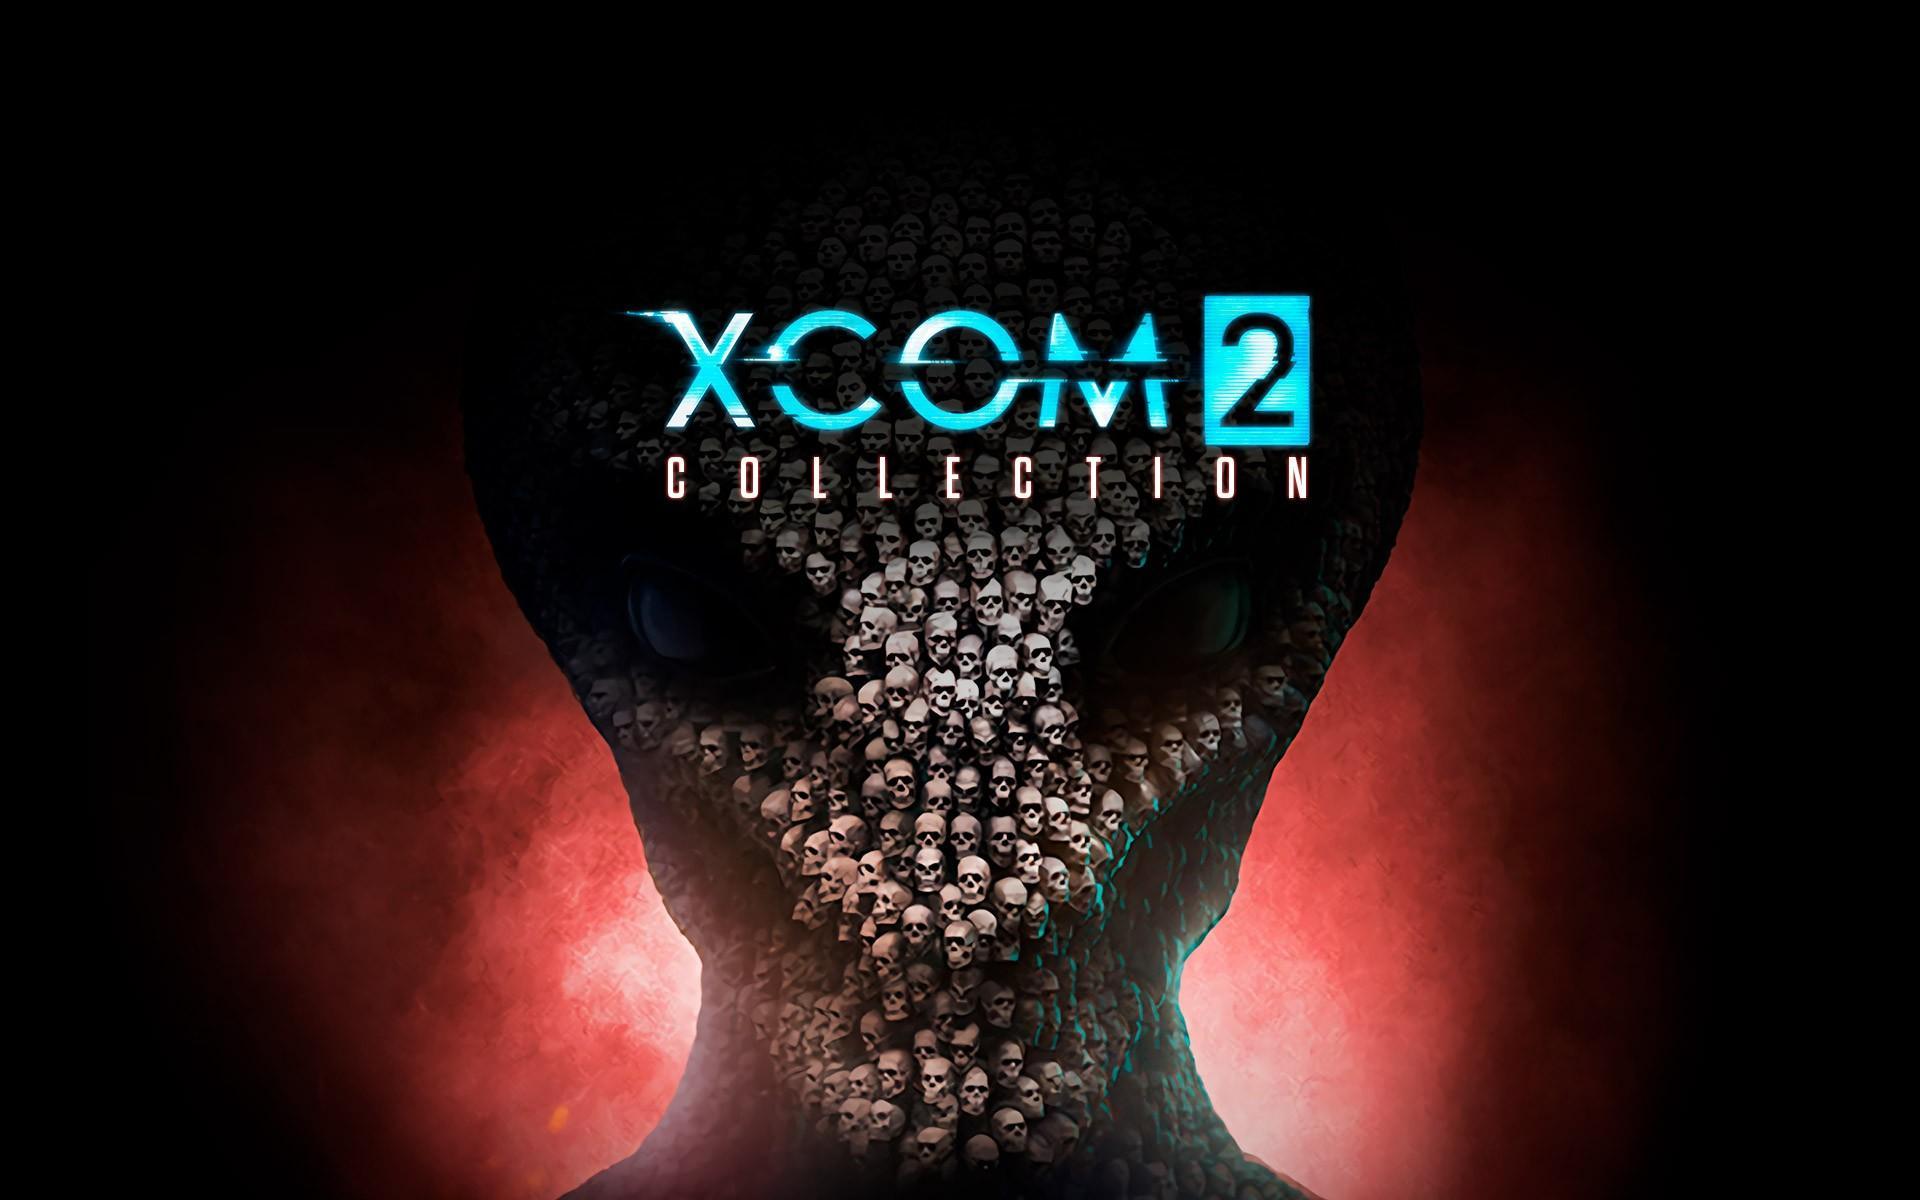 Физическая копия XCOM 2 Collection потребует дополнительной загрузки файлов 98